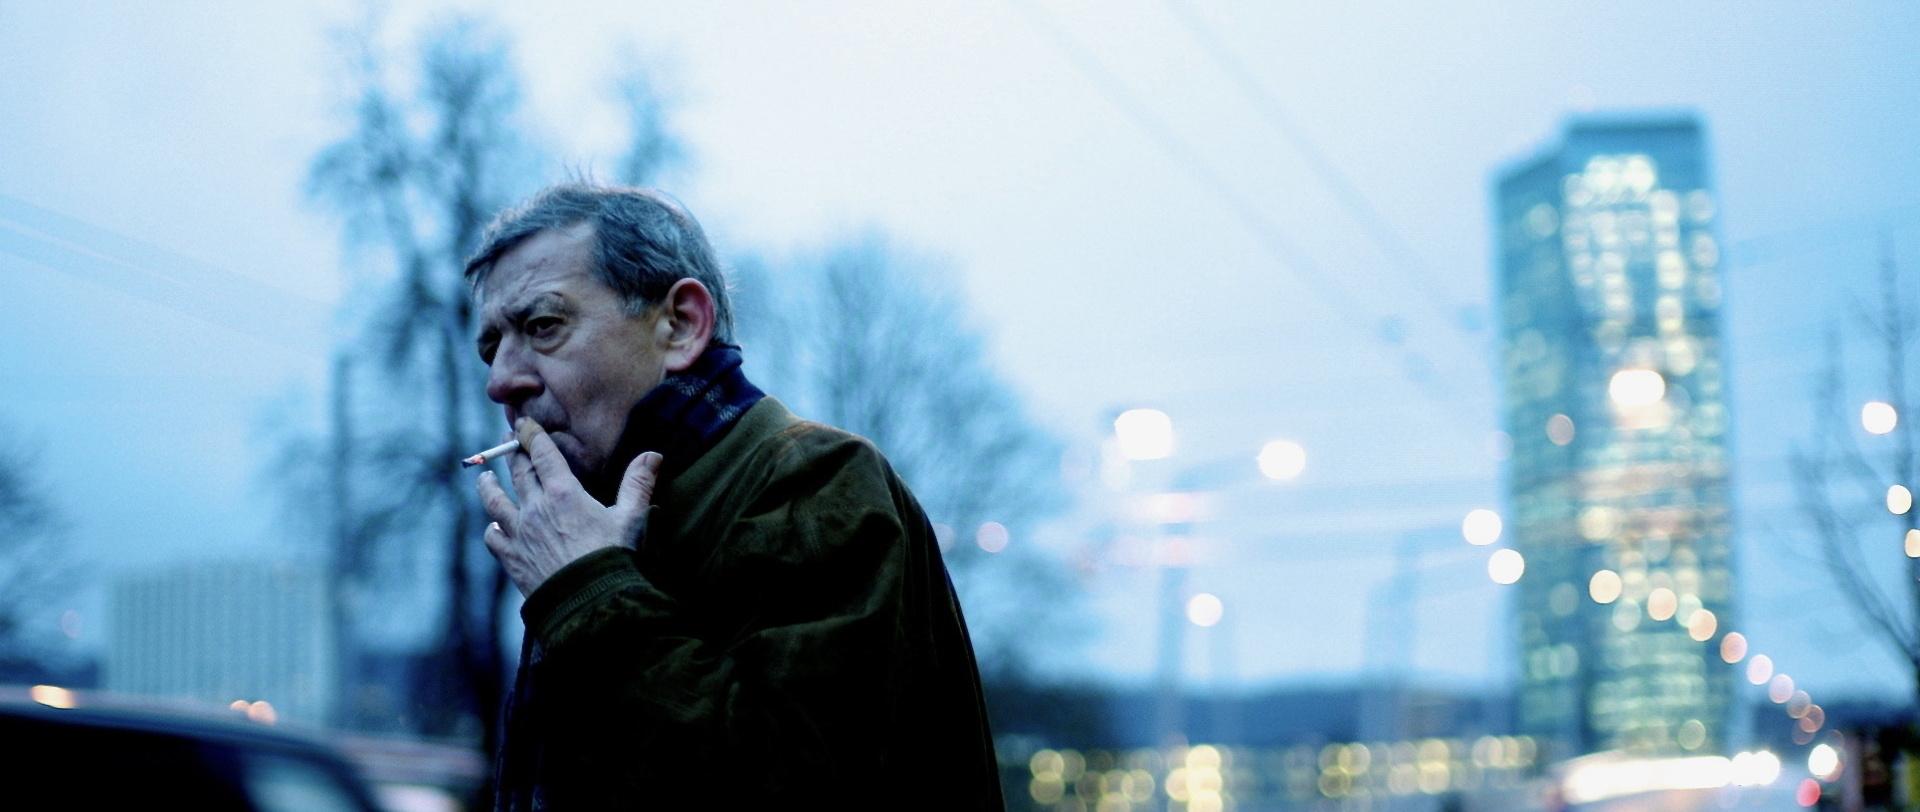 Traumland - Dreamland - Rolf (André Jung) im winterlichen Zürich - Regie Petra Volpe - Kamera Judith Kaufmann